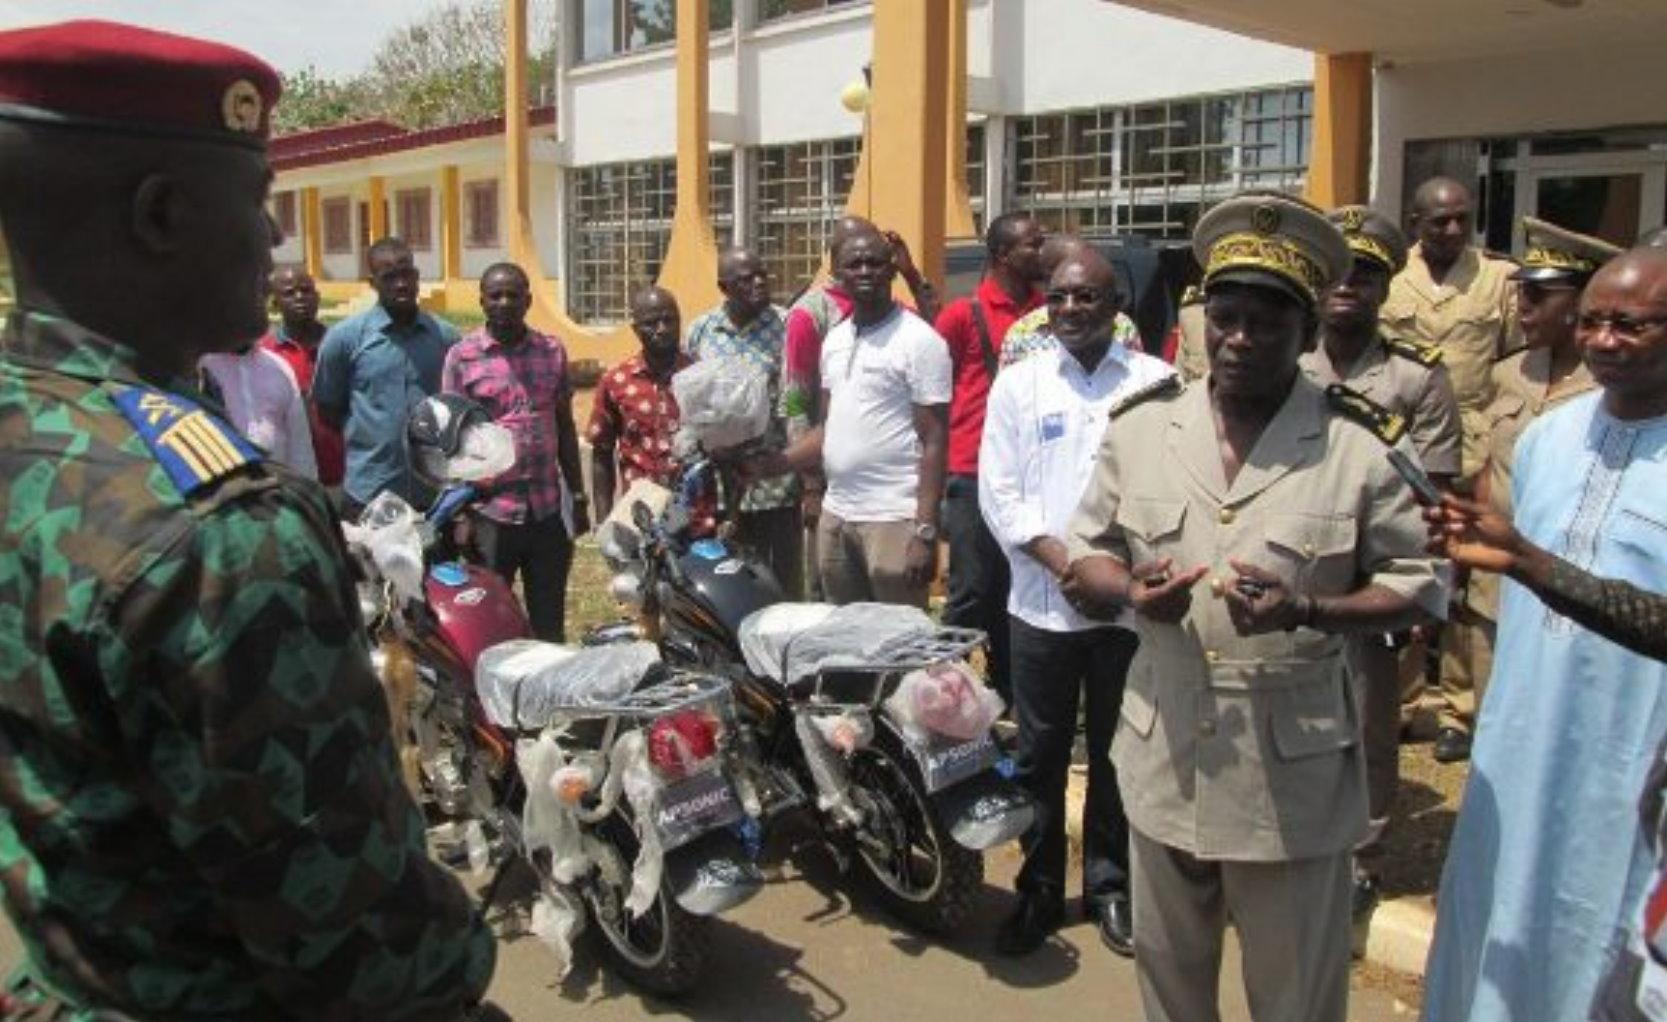 BONDOUKOU : Le Conseil du coton et l'anacarde renforce la capacité opérationnelle des forces de sécurité